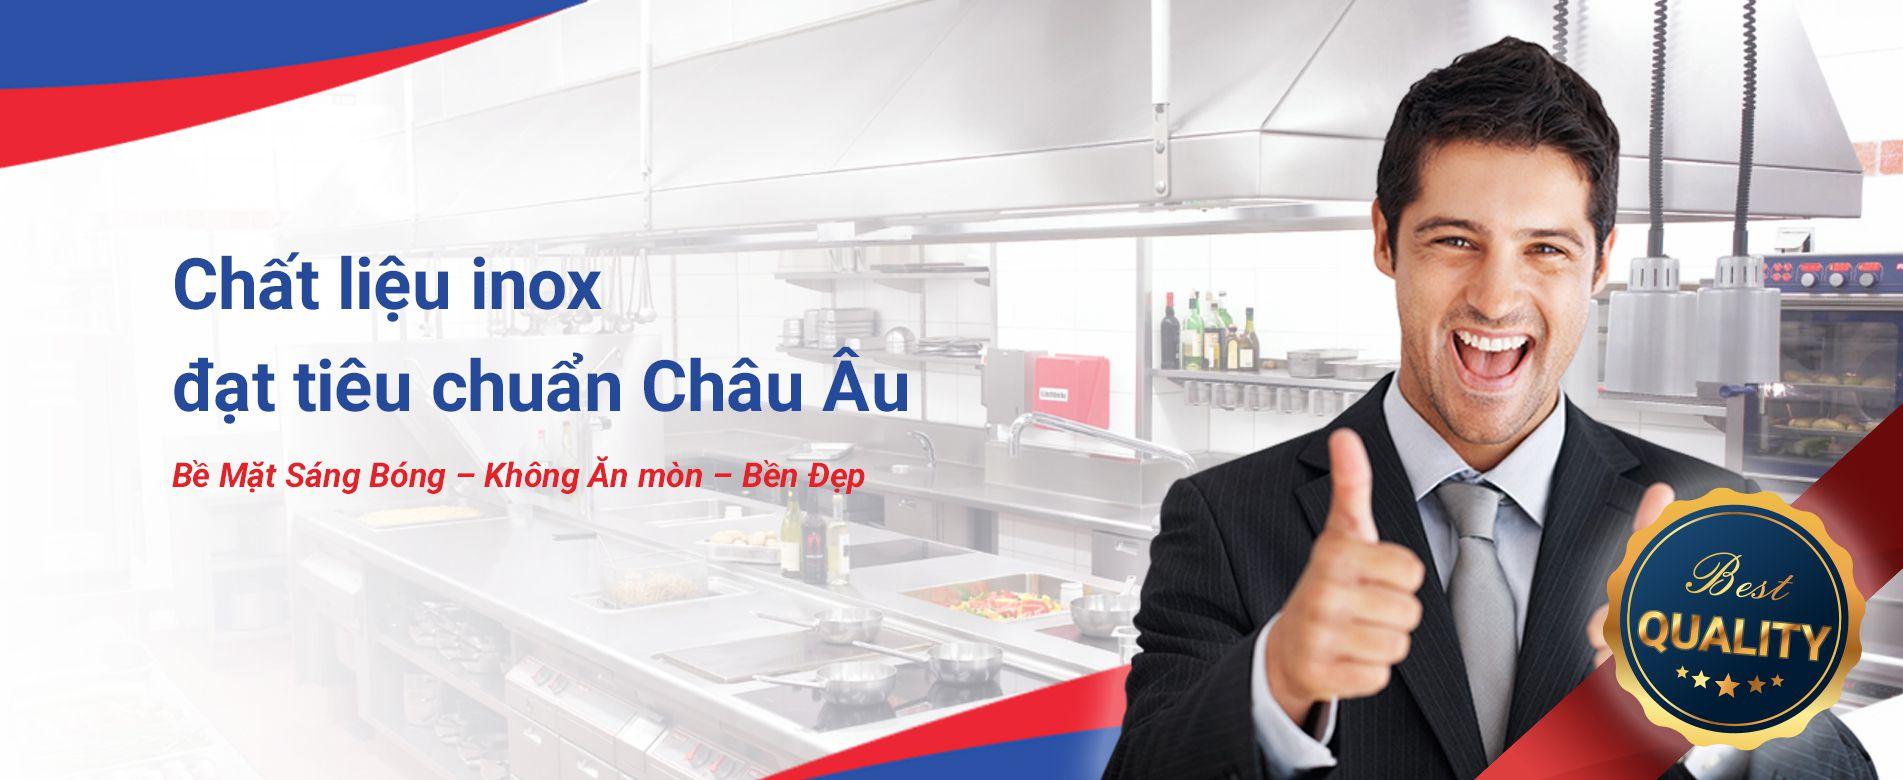 Inox Himalaya cung cấp thiết bị chất lượng inox công nghiệp khu bếp công nghiệp nhà hàng chát lượng uy tín